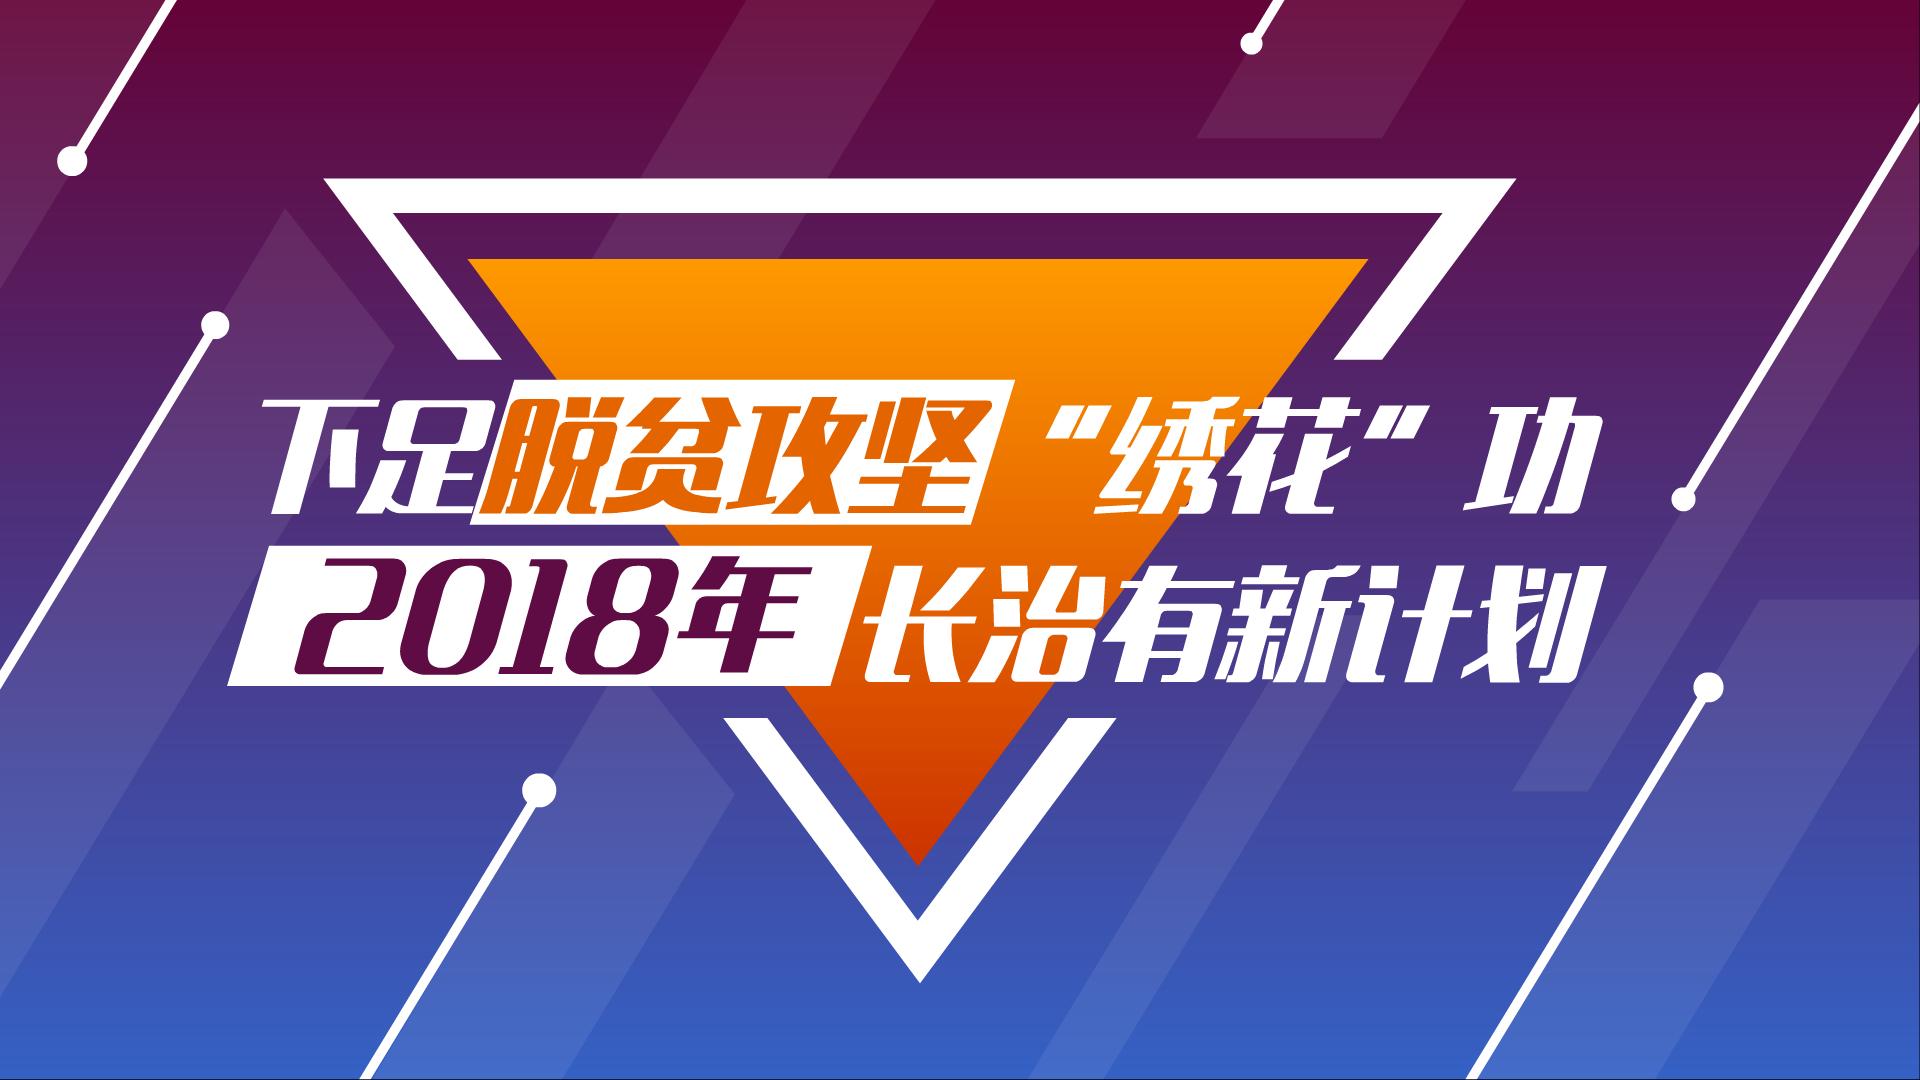 """下足脱贫攻坚""""绣花""""功 2018年长治有啥新计划?"""